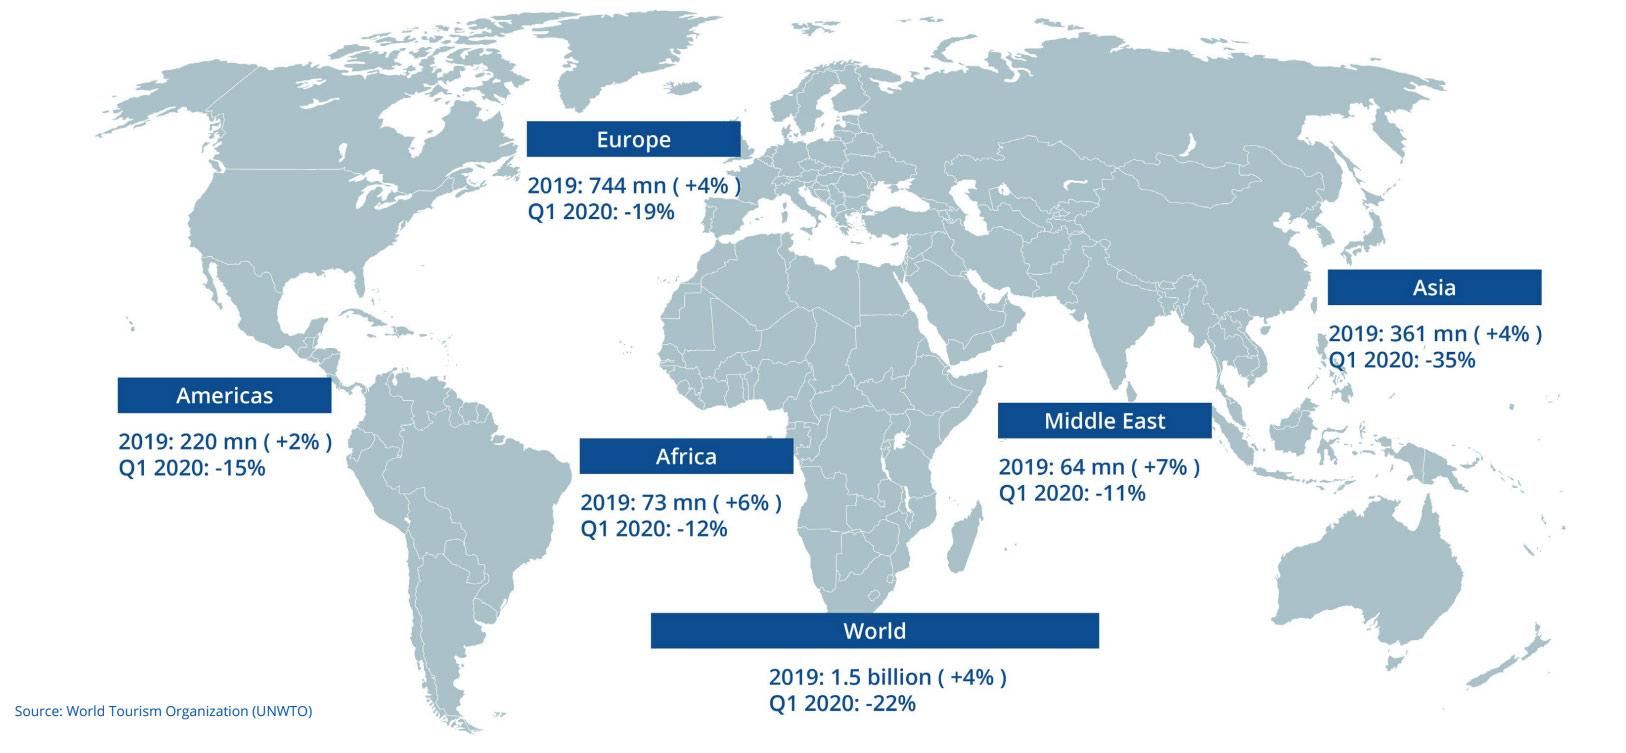 International tourist arrivals by region in Q1 2020